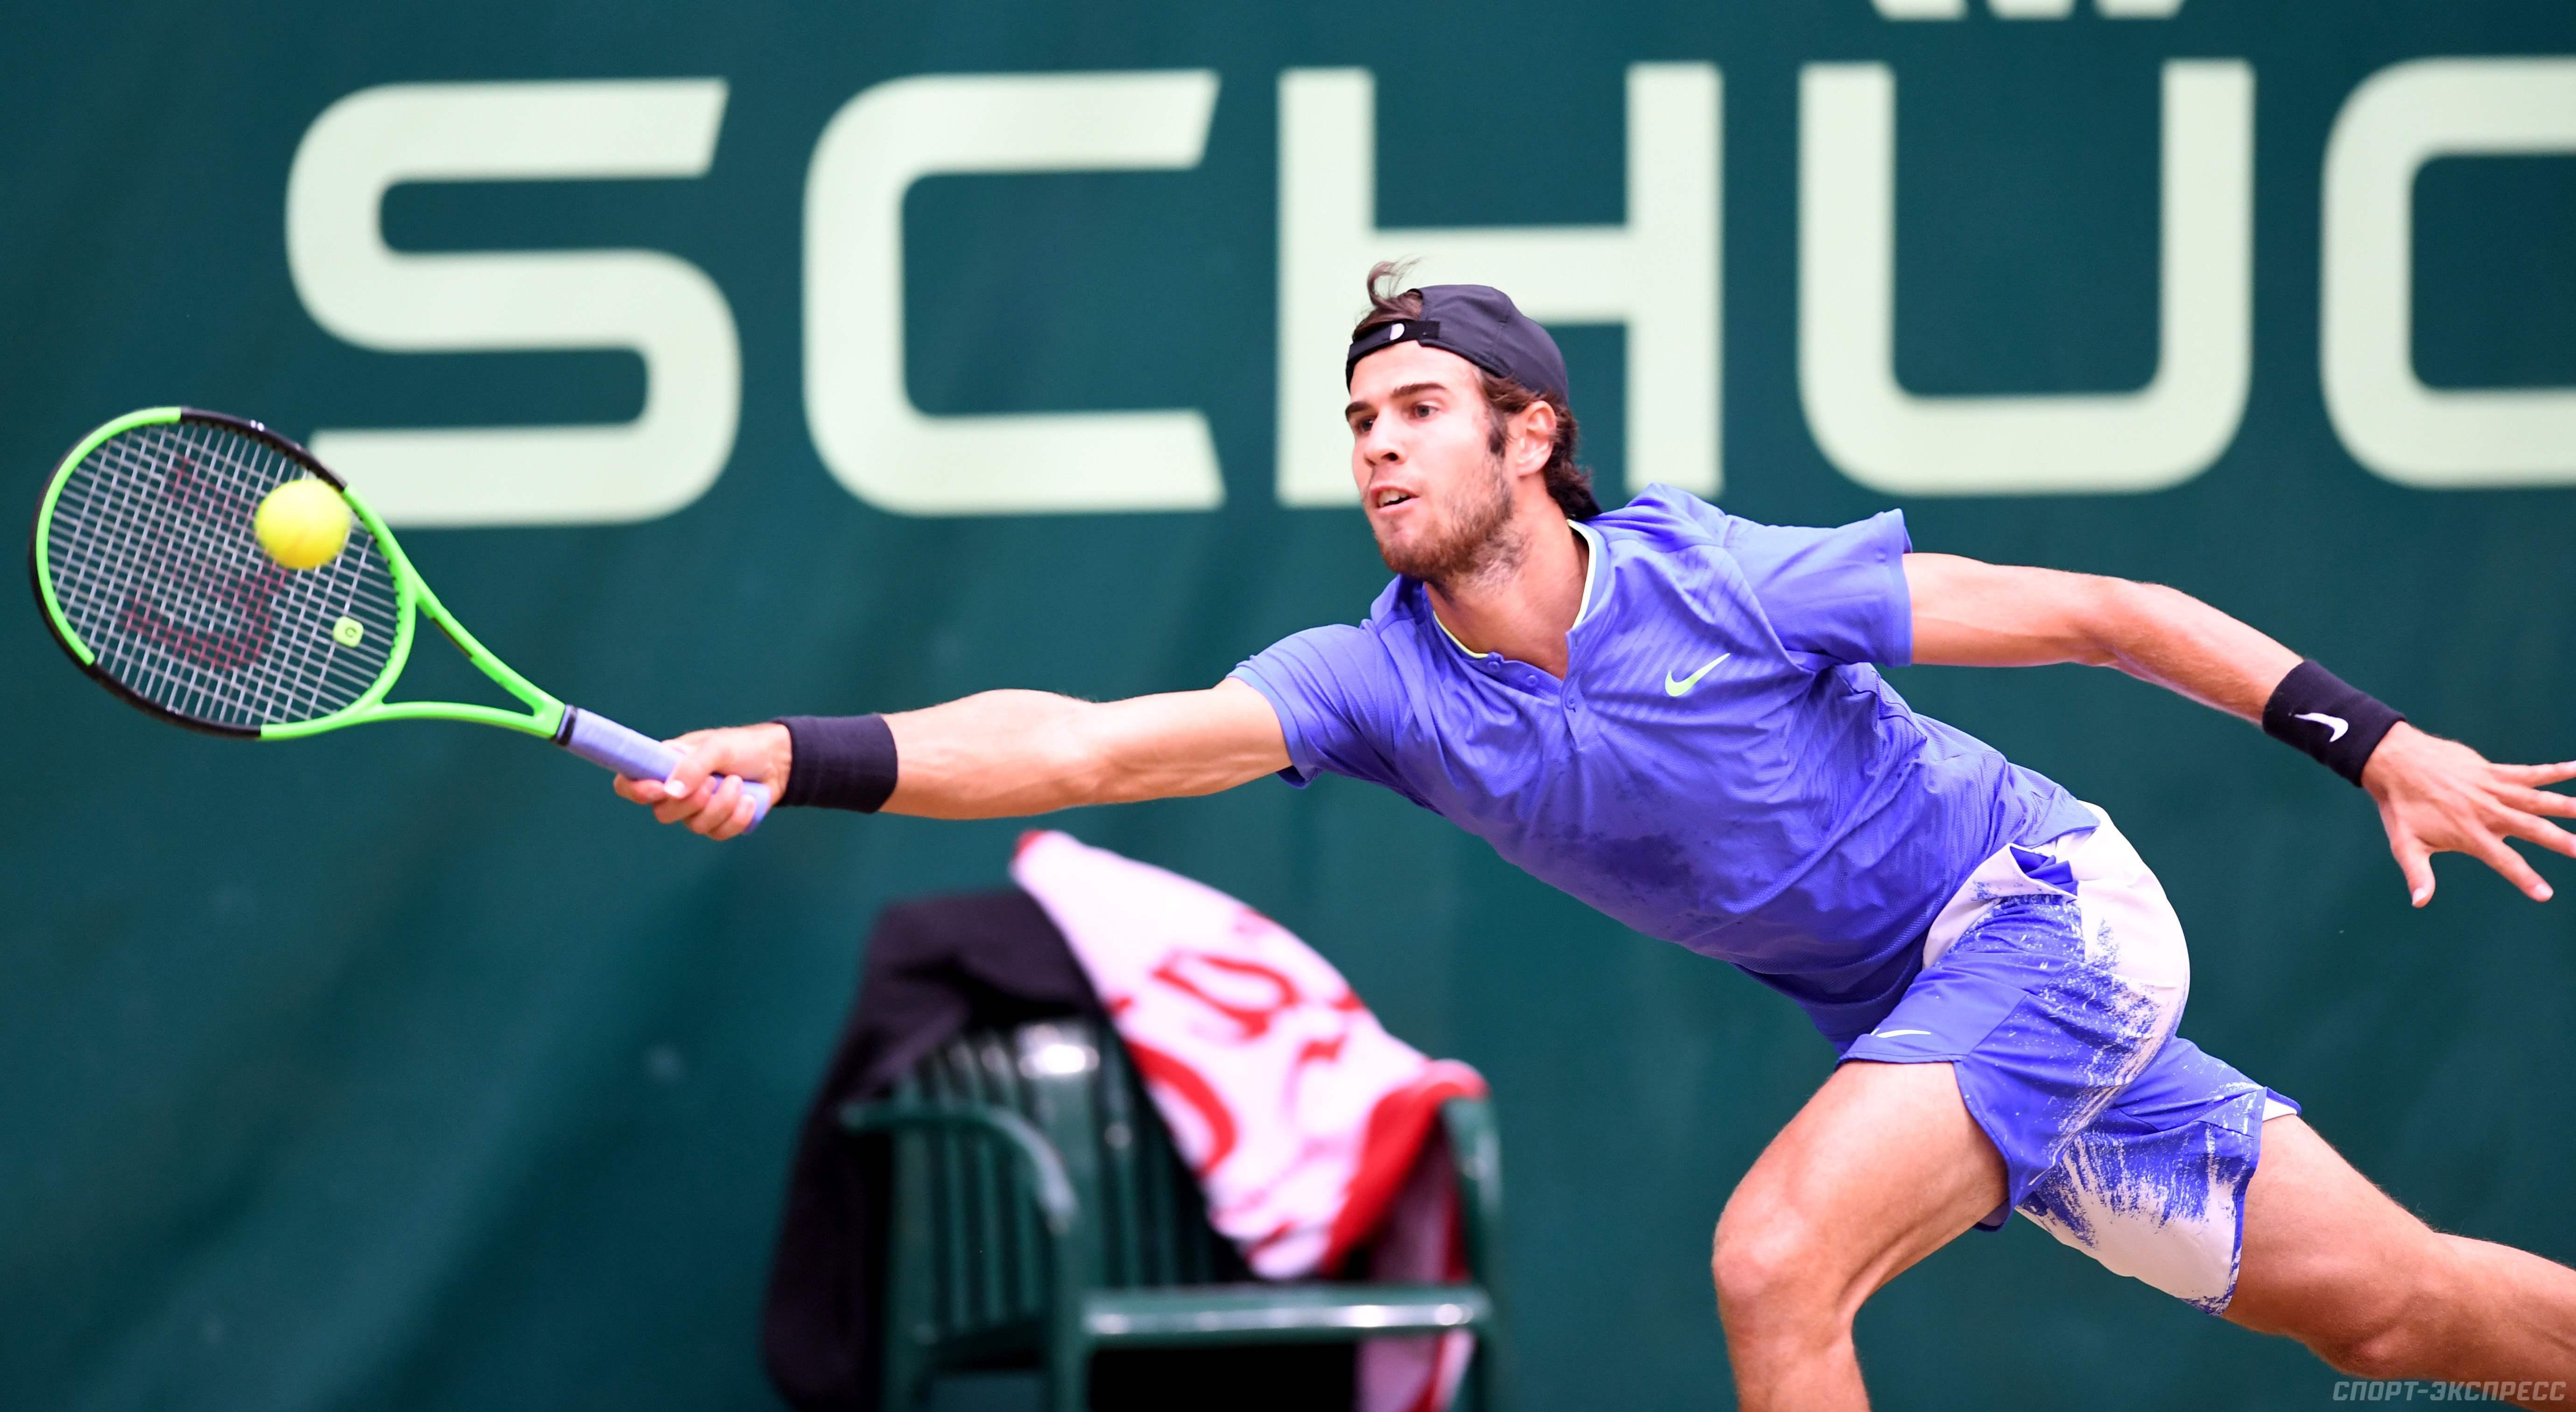 ATP Лондон, Итоговый турнир года: Роджер Федерер — Станислас Вавринка